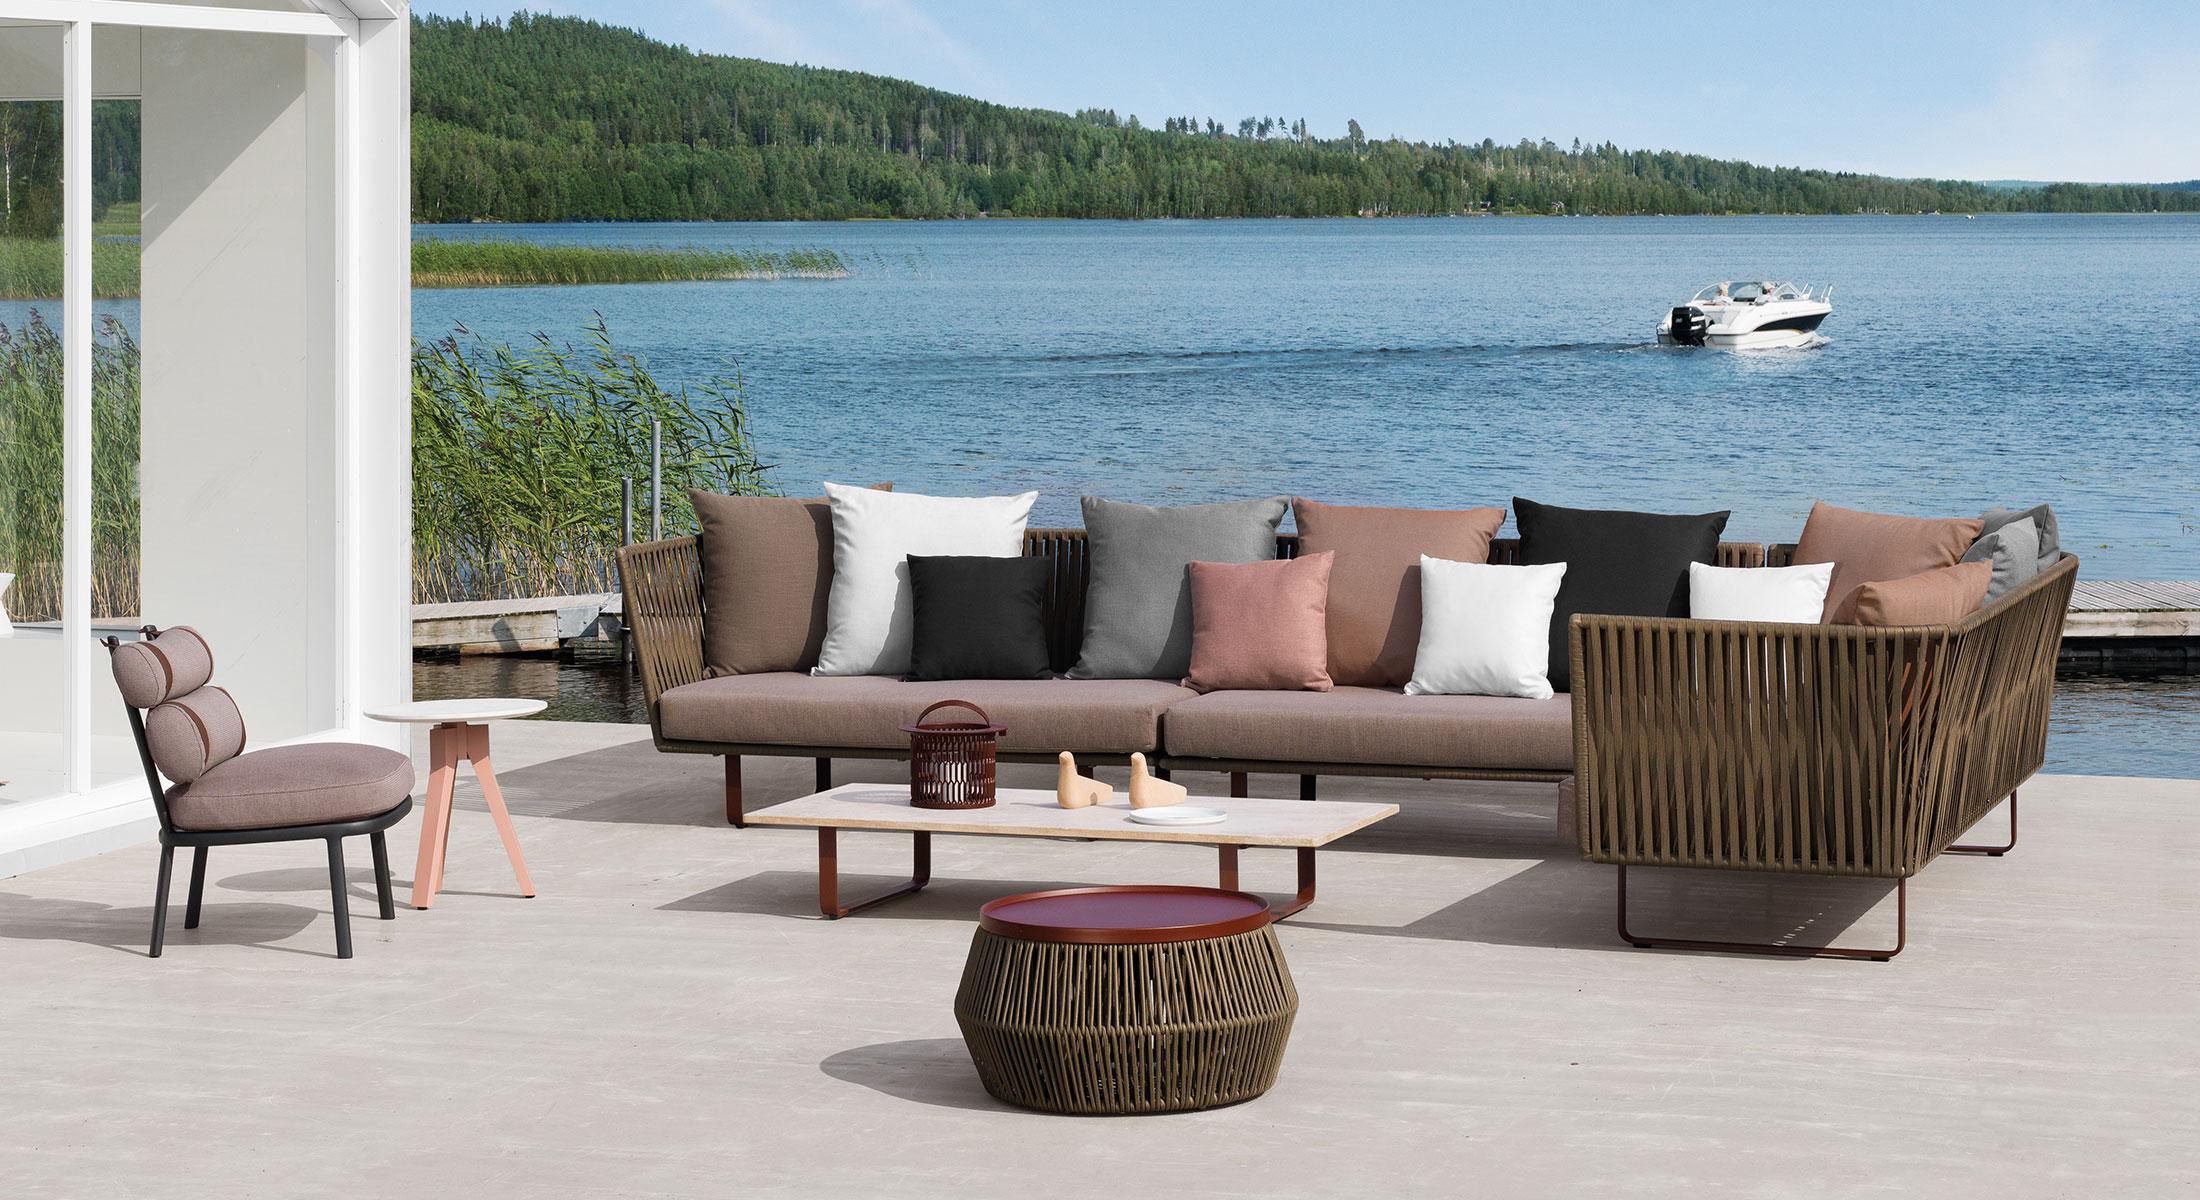 Tipos de muebles de exterior blog de muebles y decoraci n - Muebles de exteriores ...